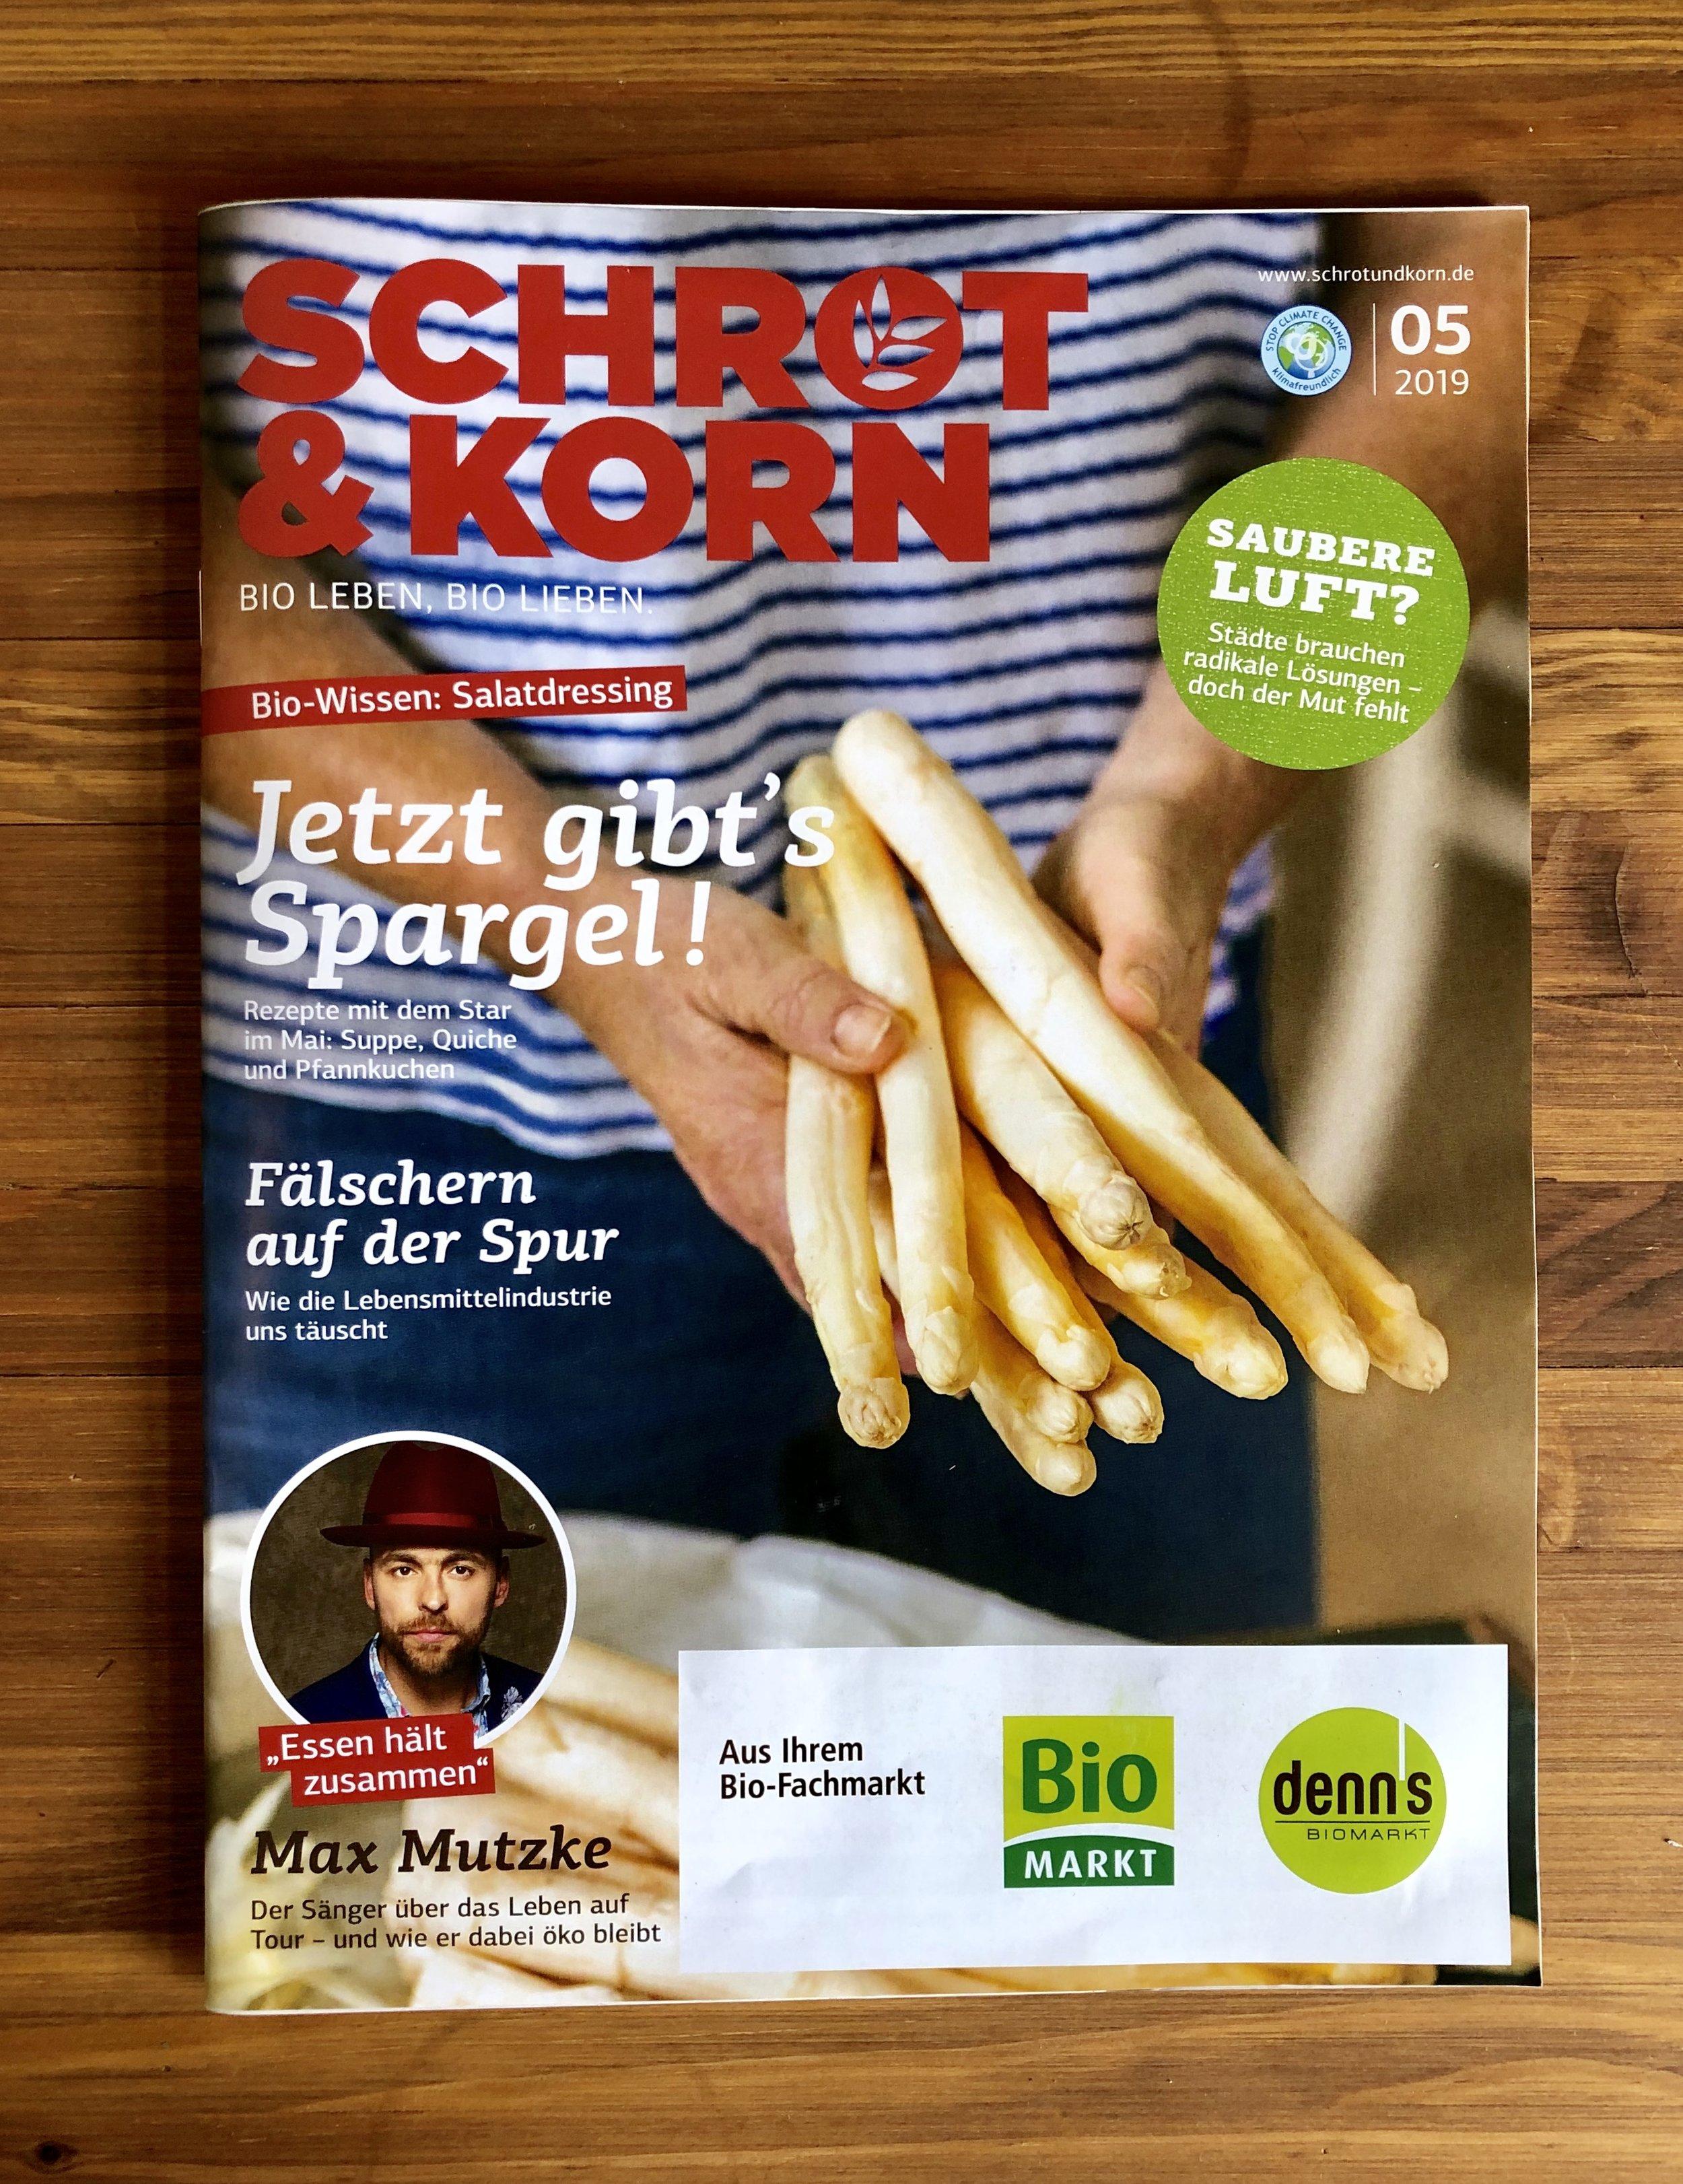 Das aktuelle Schrot & Korn Magazin 5/2019 findet sich in fast jedem Bio-Laden.